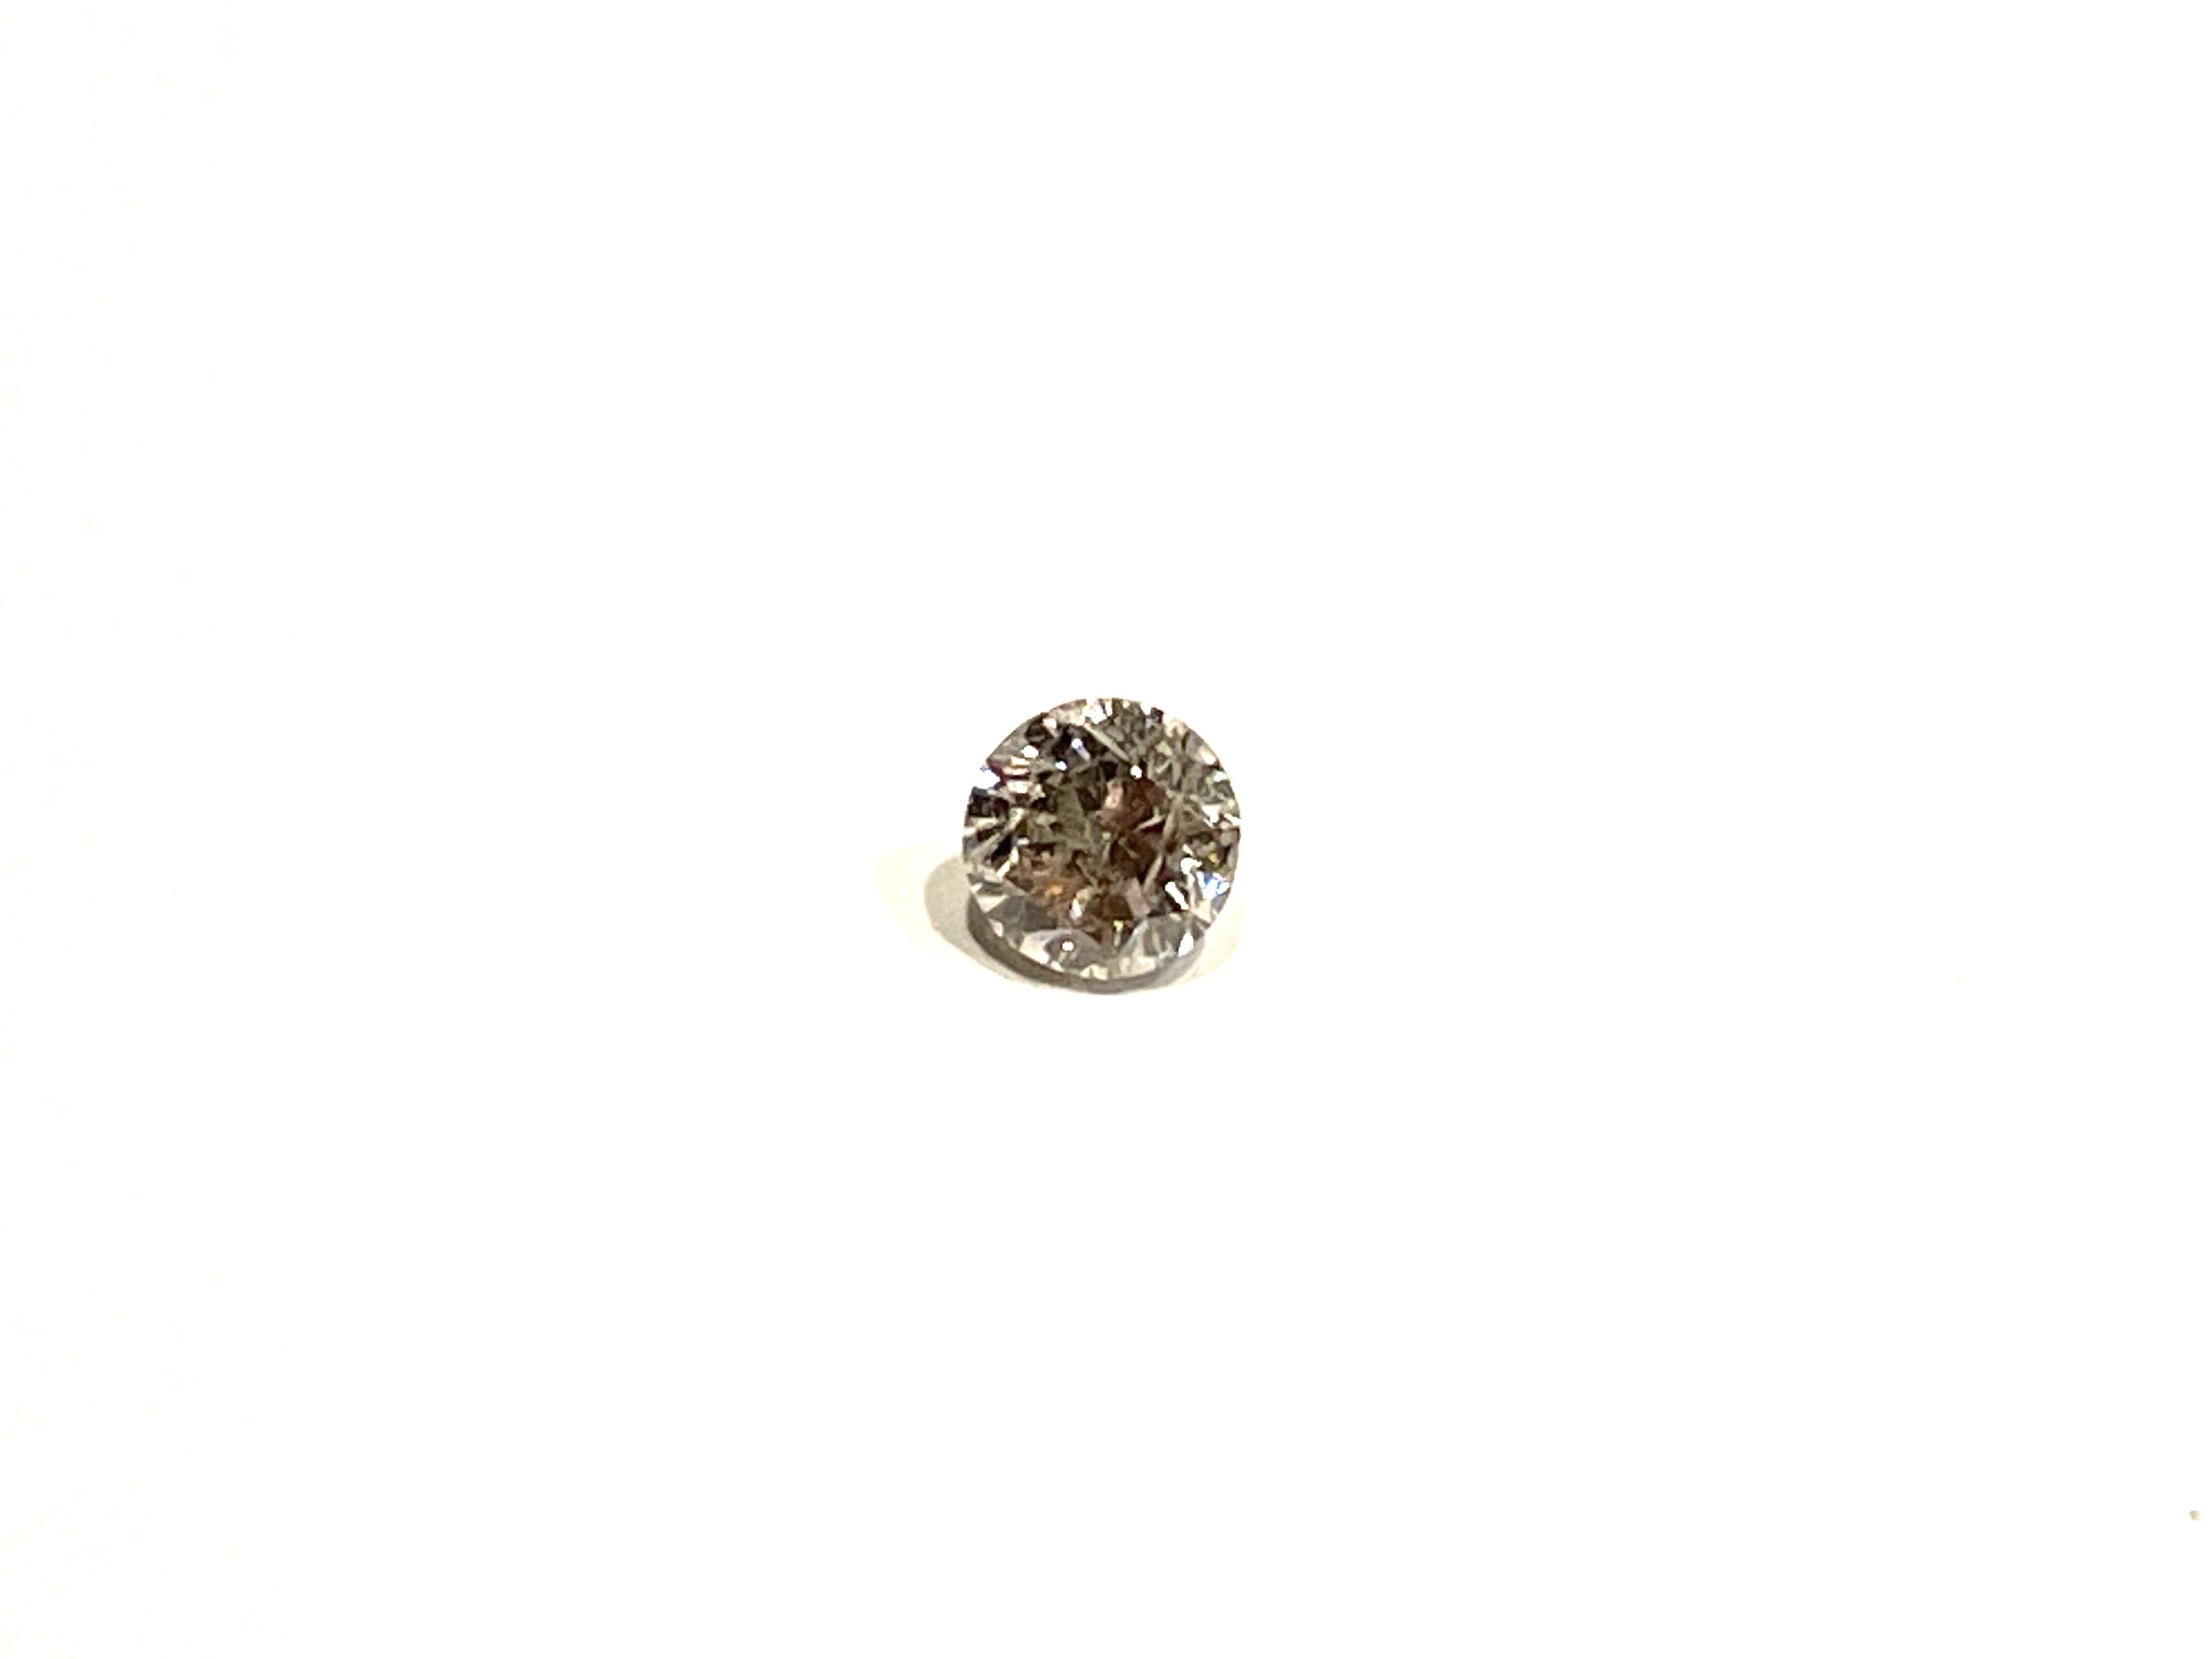 ダイヤモンド+ルーペ A-8 [No,k-1712]